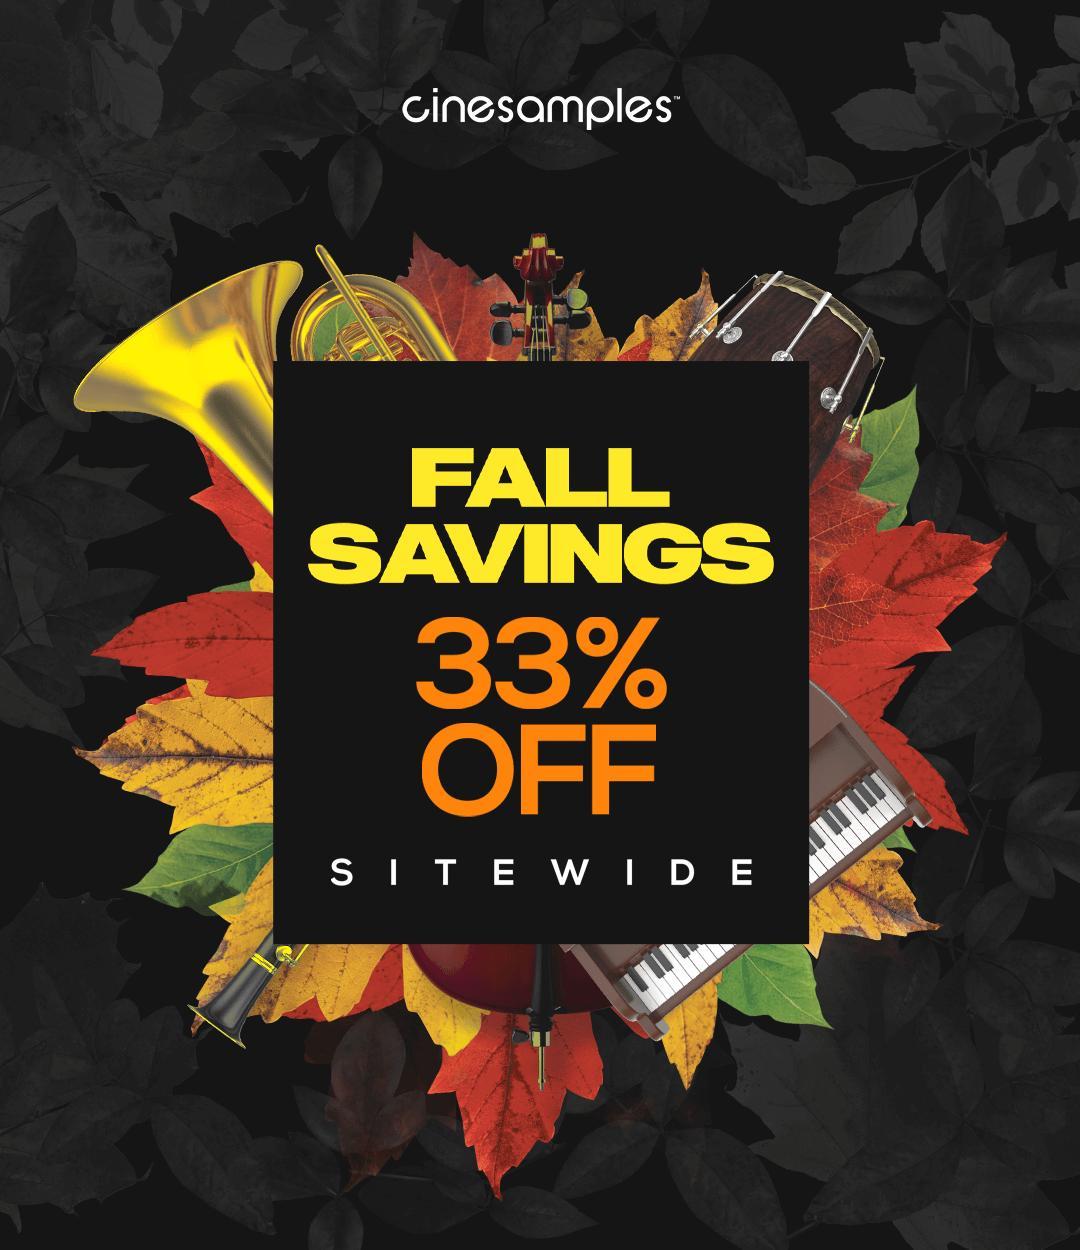 cinesample_fall_savings.png.jpg